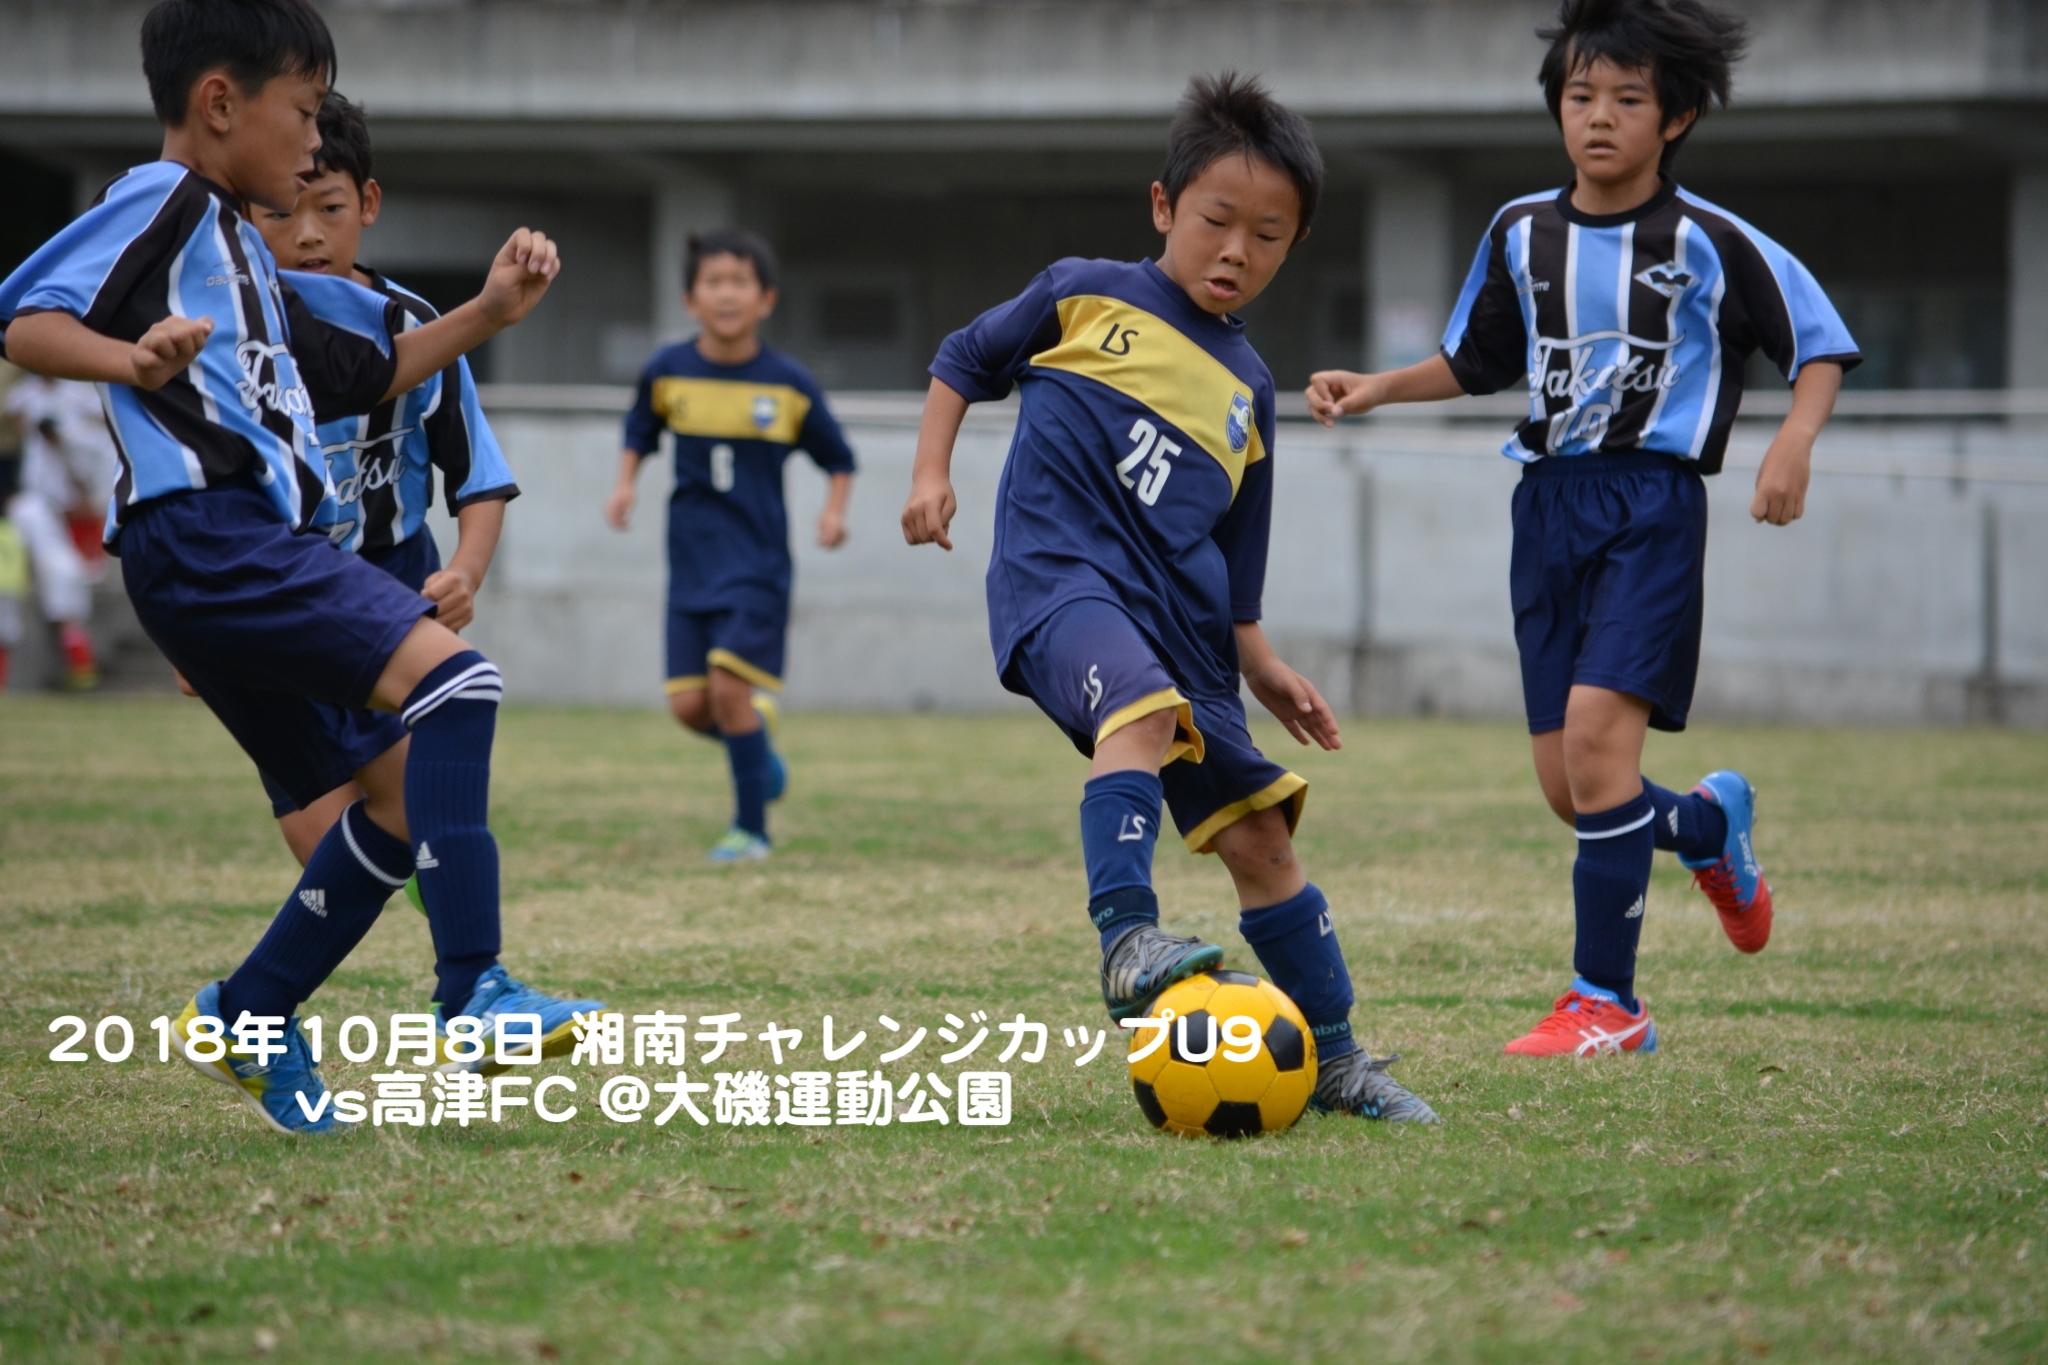 181008 湘南チャレンジカップ_181012_0028